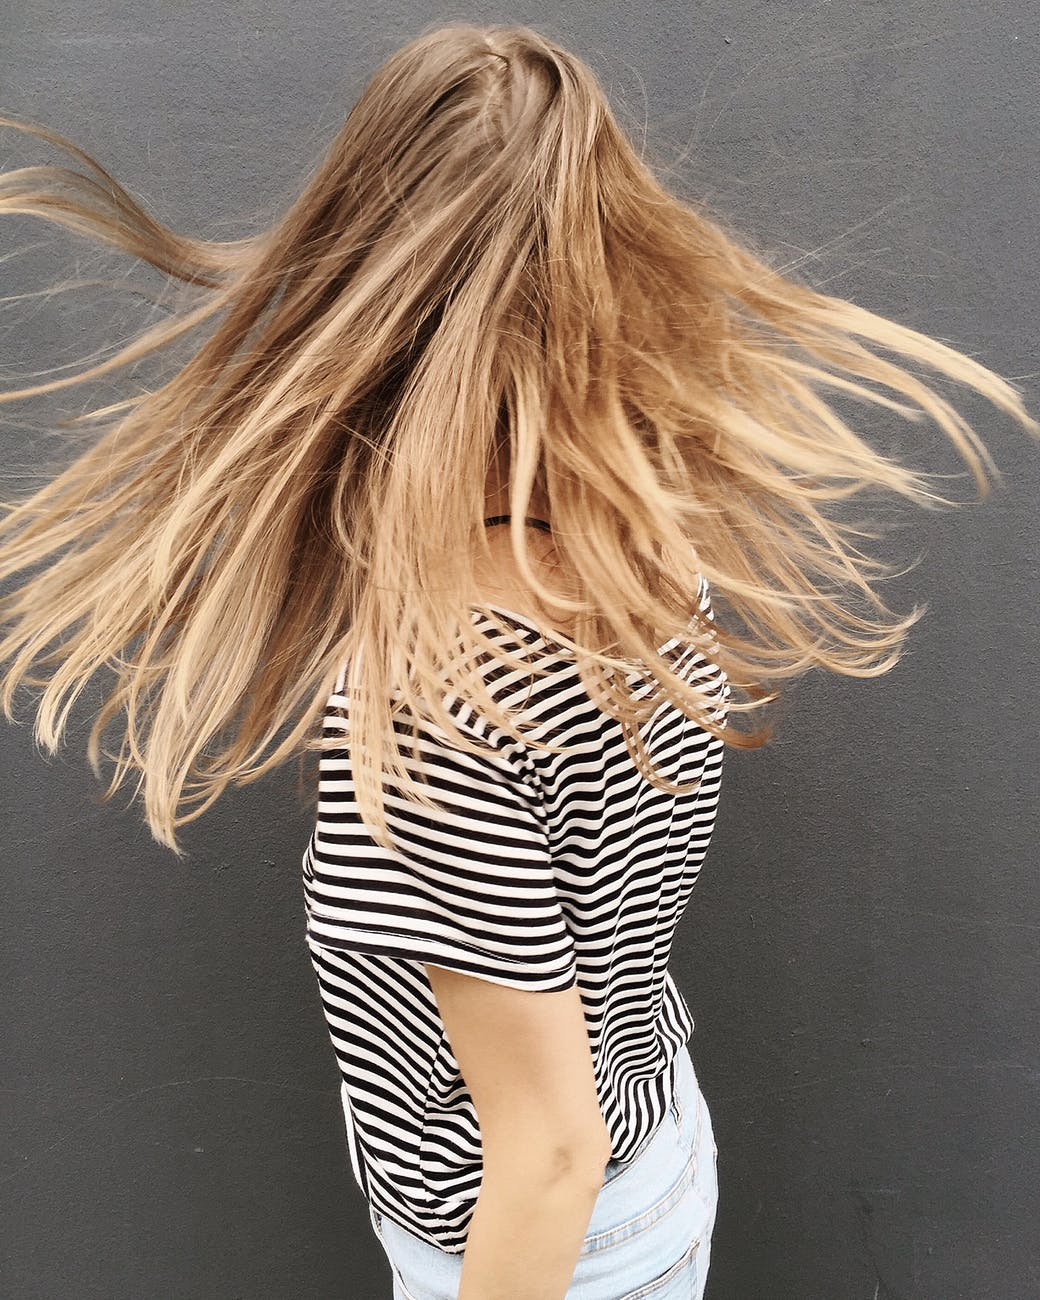 ¿Cómo evitar la caída del cabello por la cuarentena?